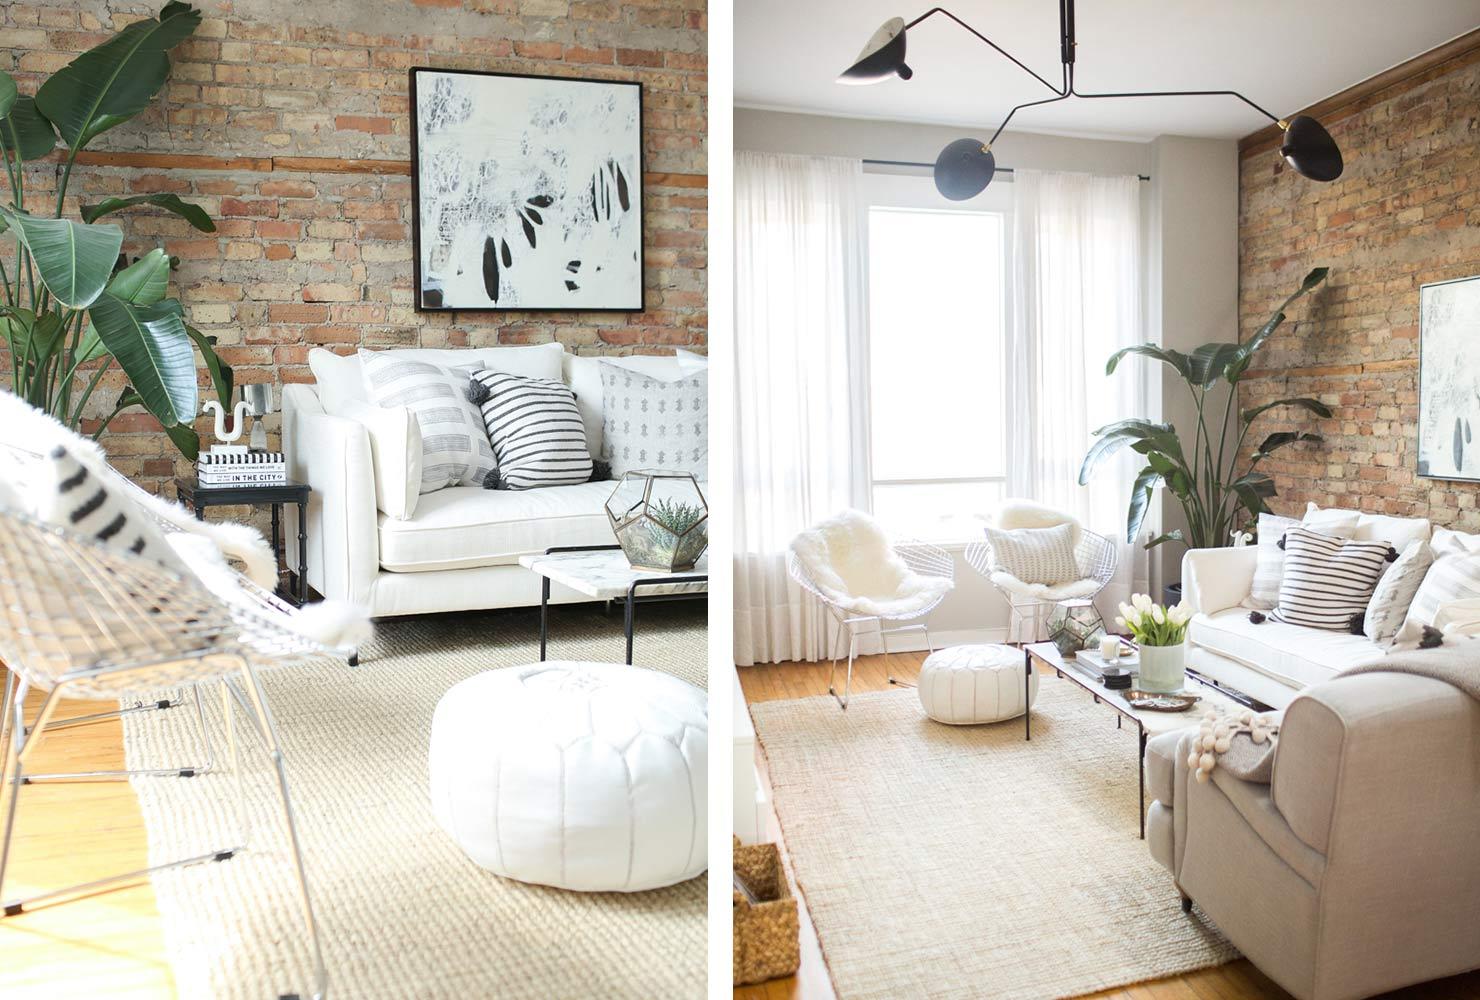 meubles blancs en briques ouvertes